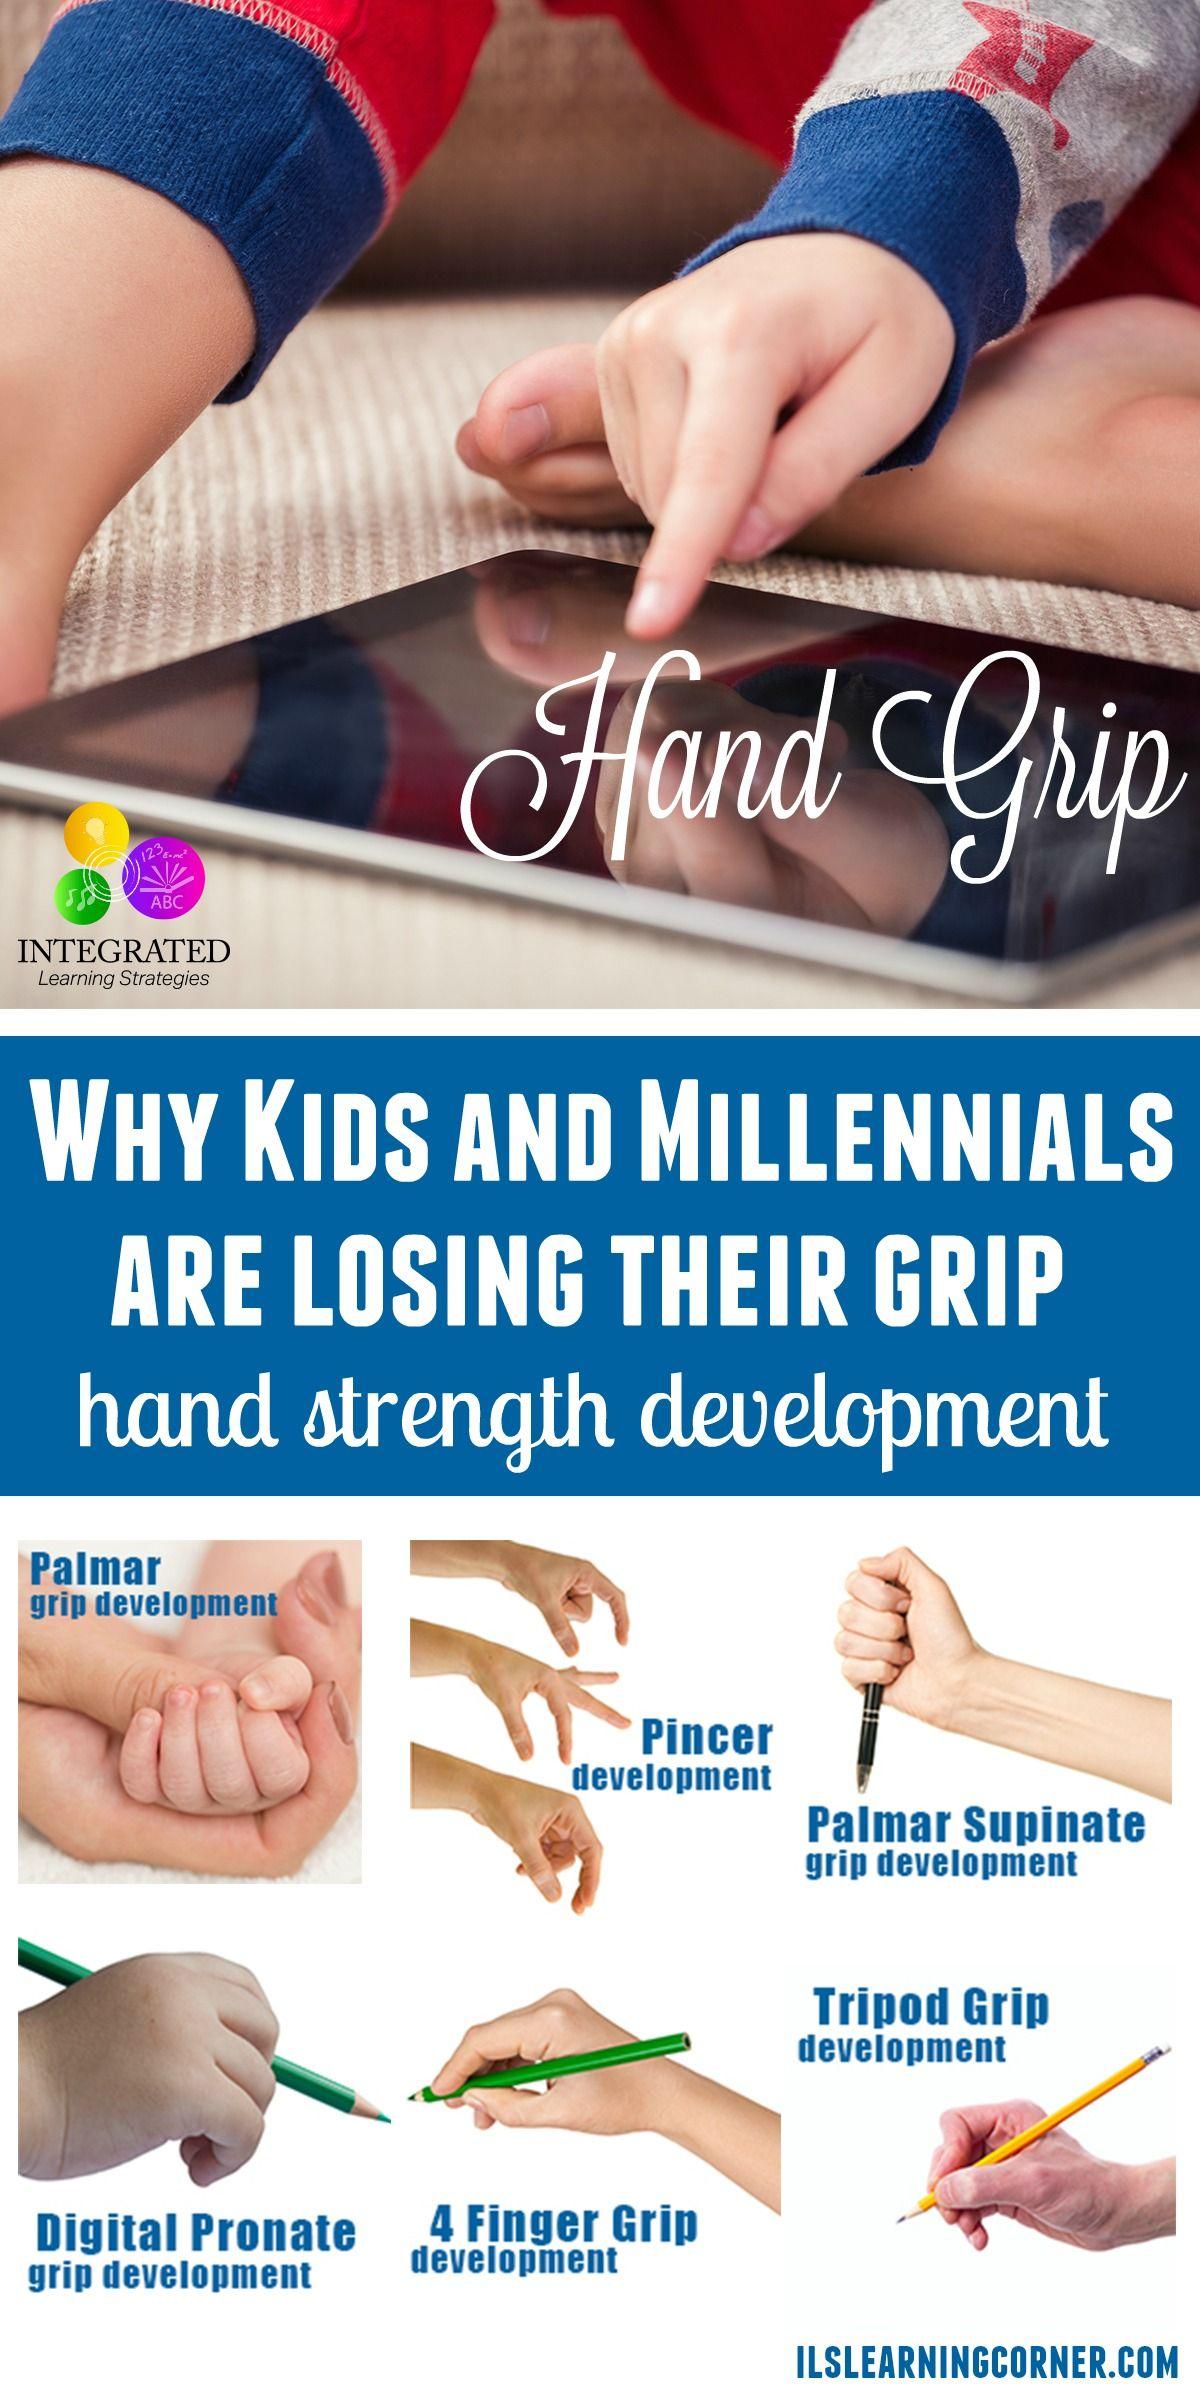 Hand Grip Weak Hands Weak Body Why Kids And Millennials Are Losing Their Grip